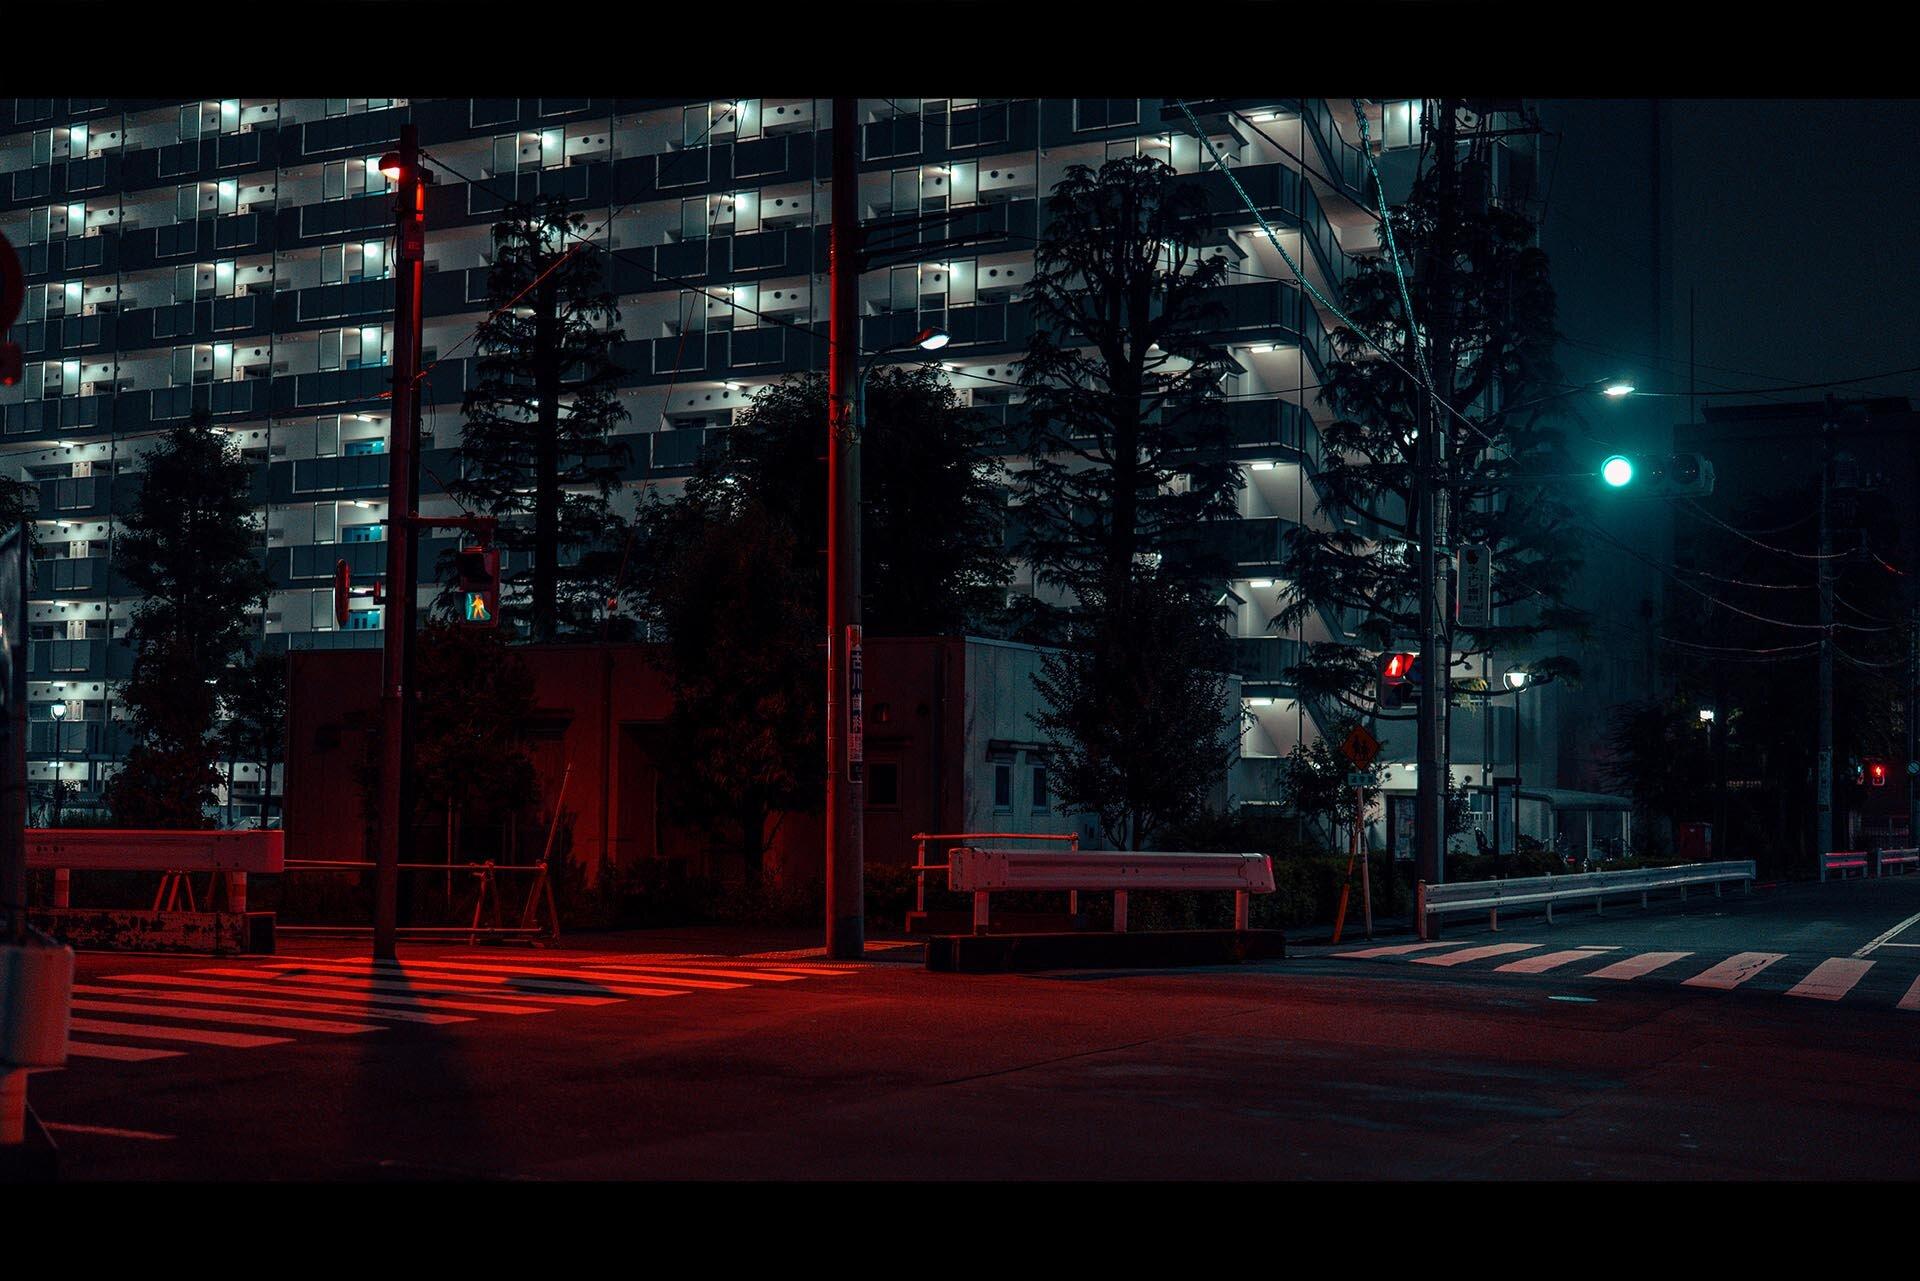 film-series-4.jpg